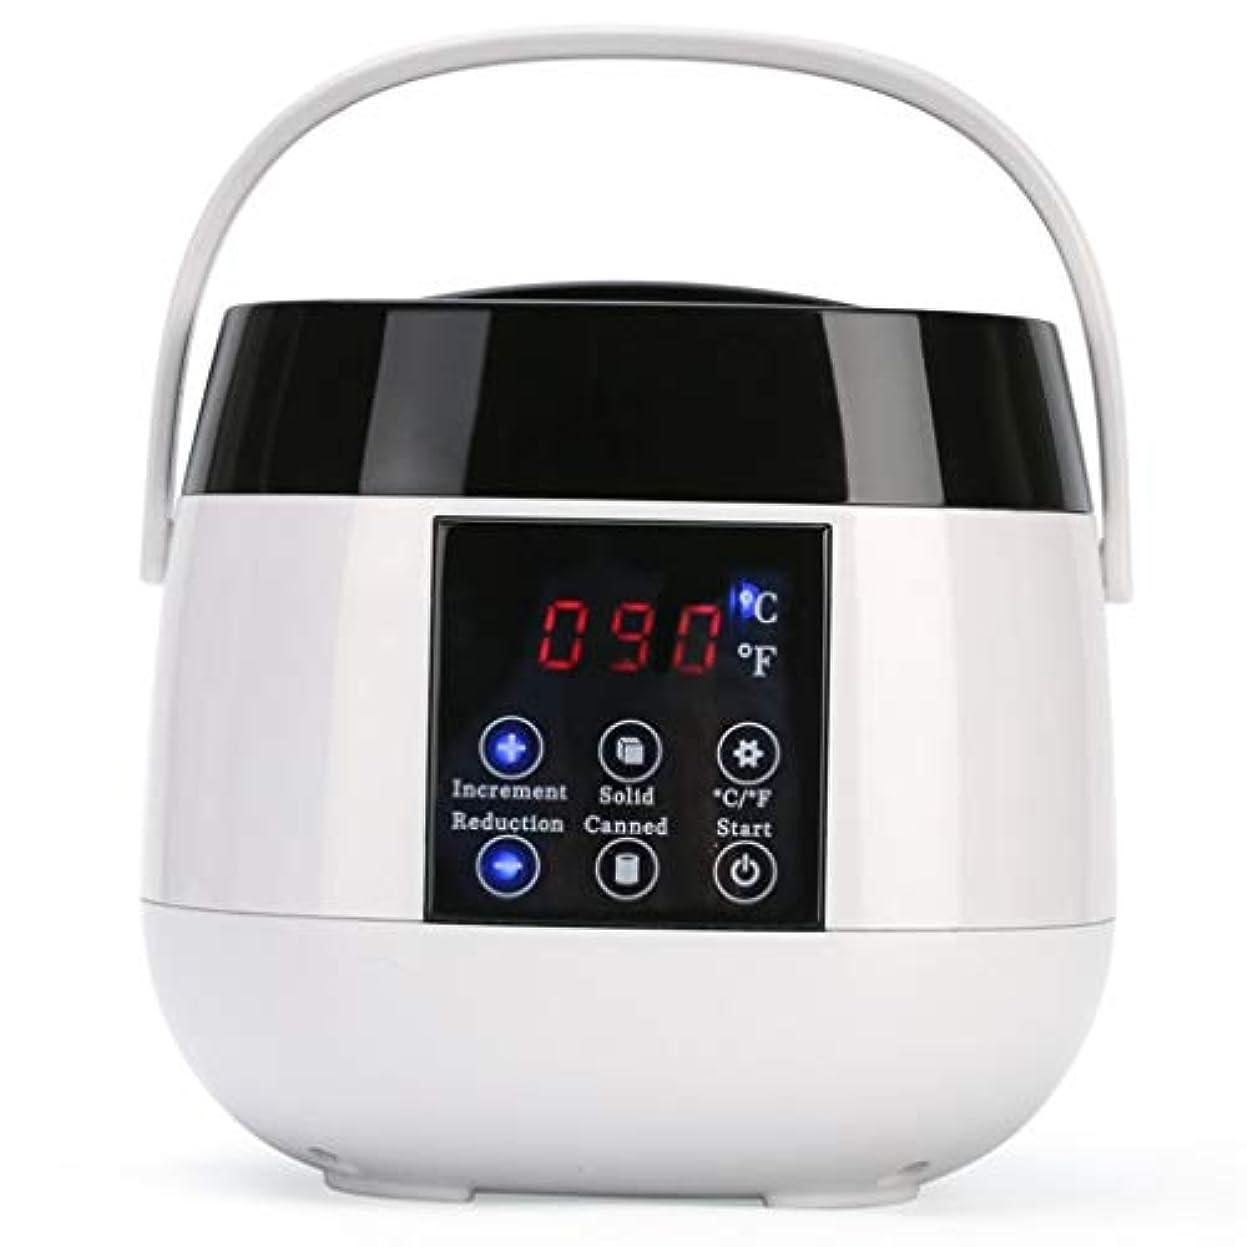 ハンマー送料発動機LEDディスプレイハードワックスワックスアプリケーターは、インテリジェント温度ワックスウォーマーワックスがけアプリケーターコントロールシステム、ワックスがけアプリケータースティック